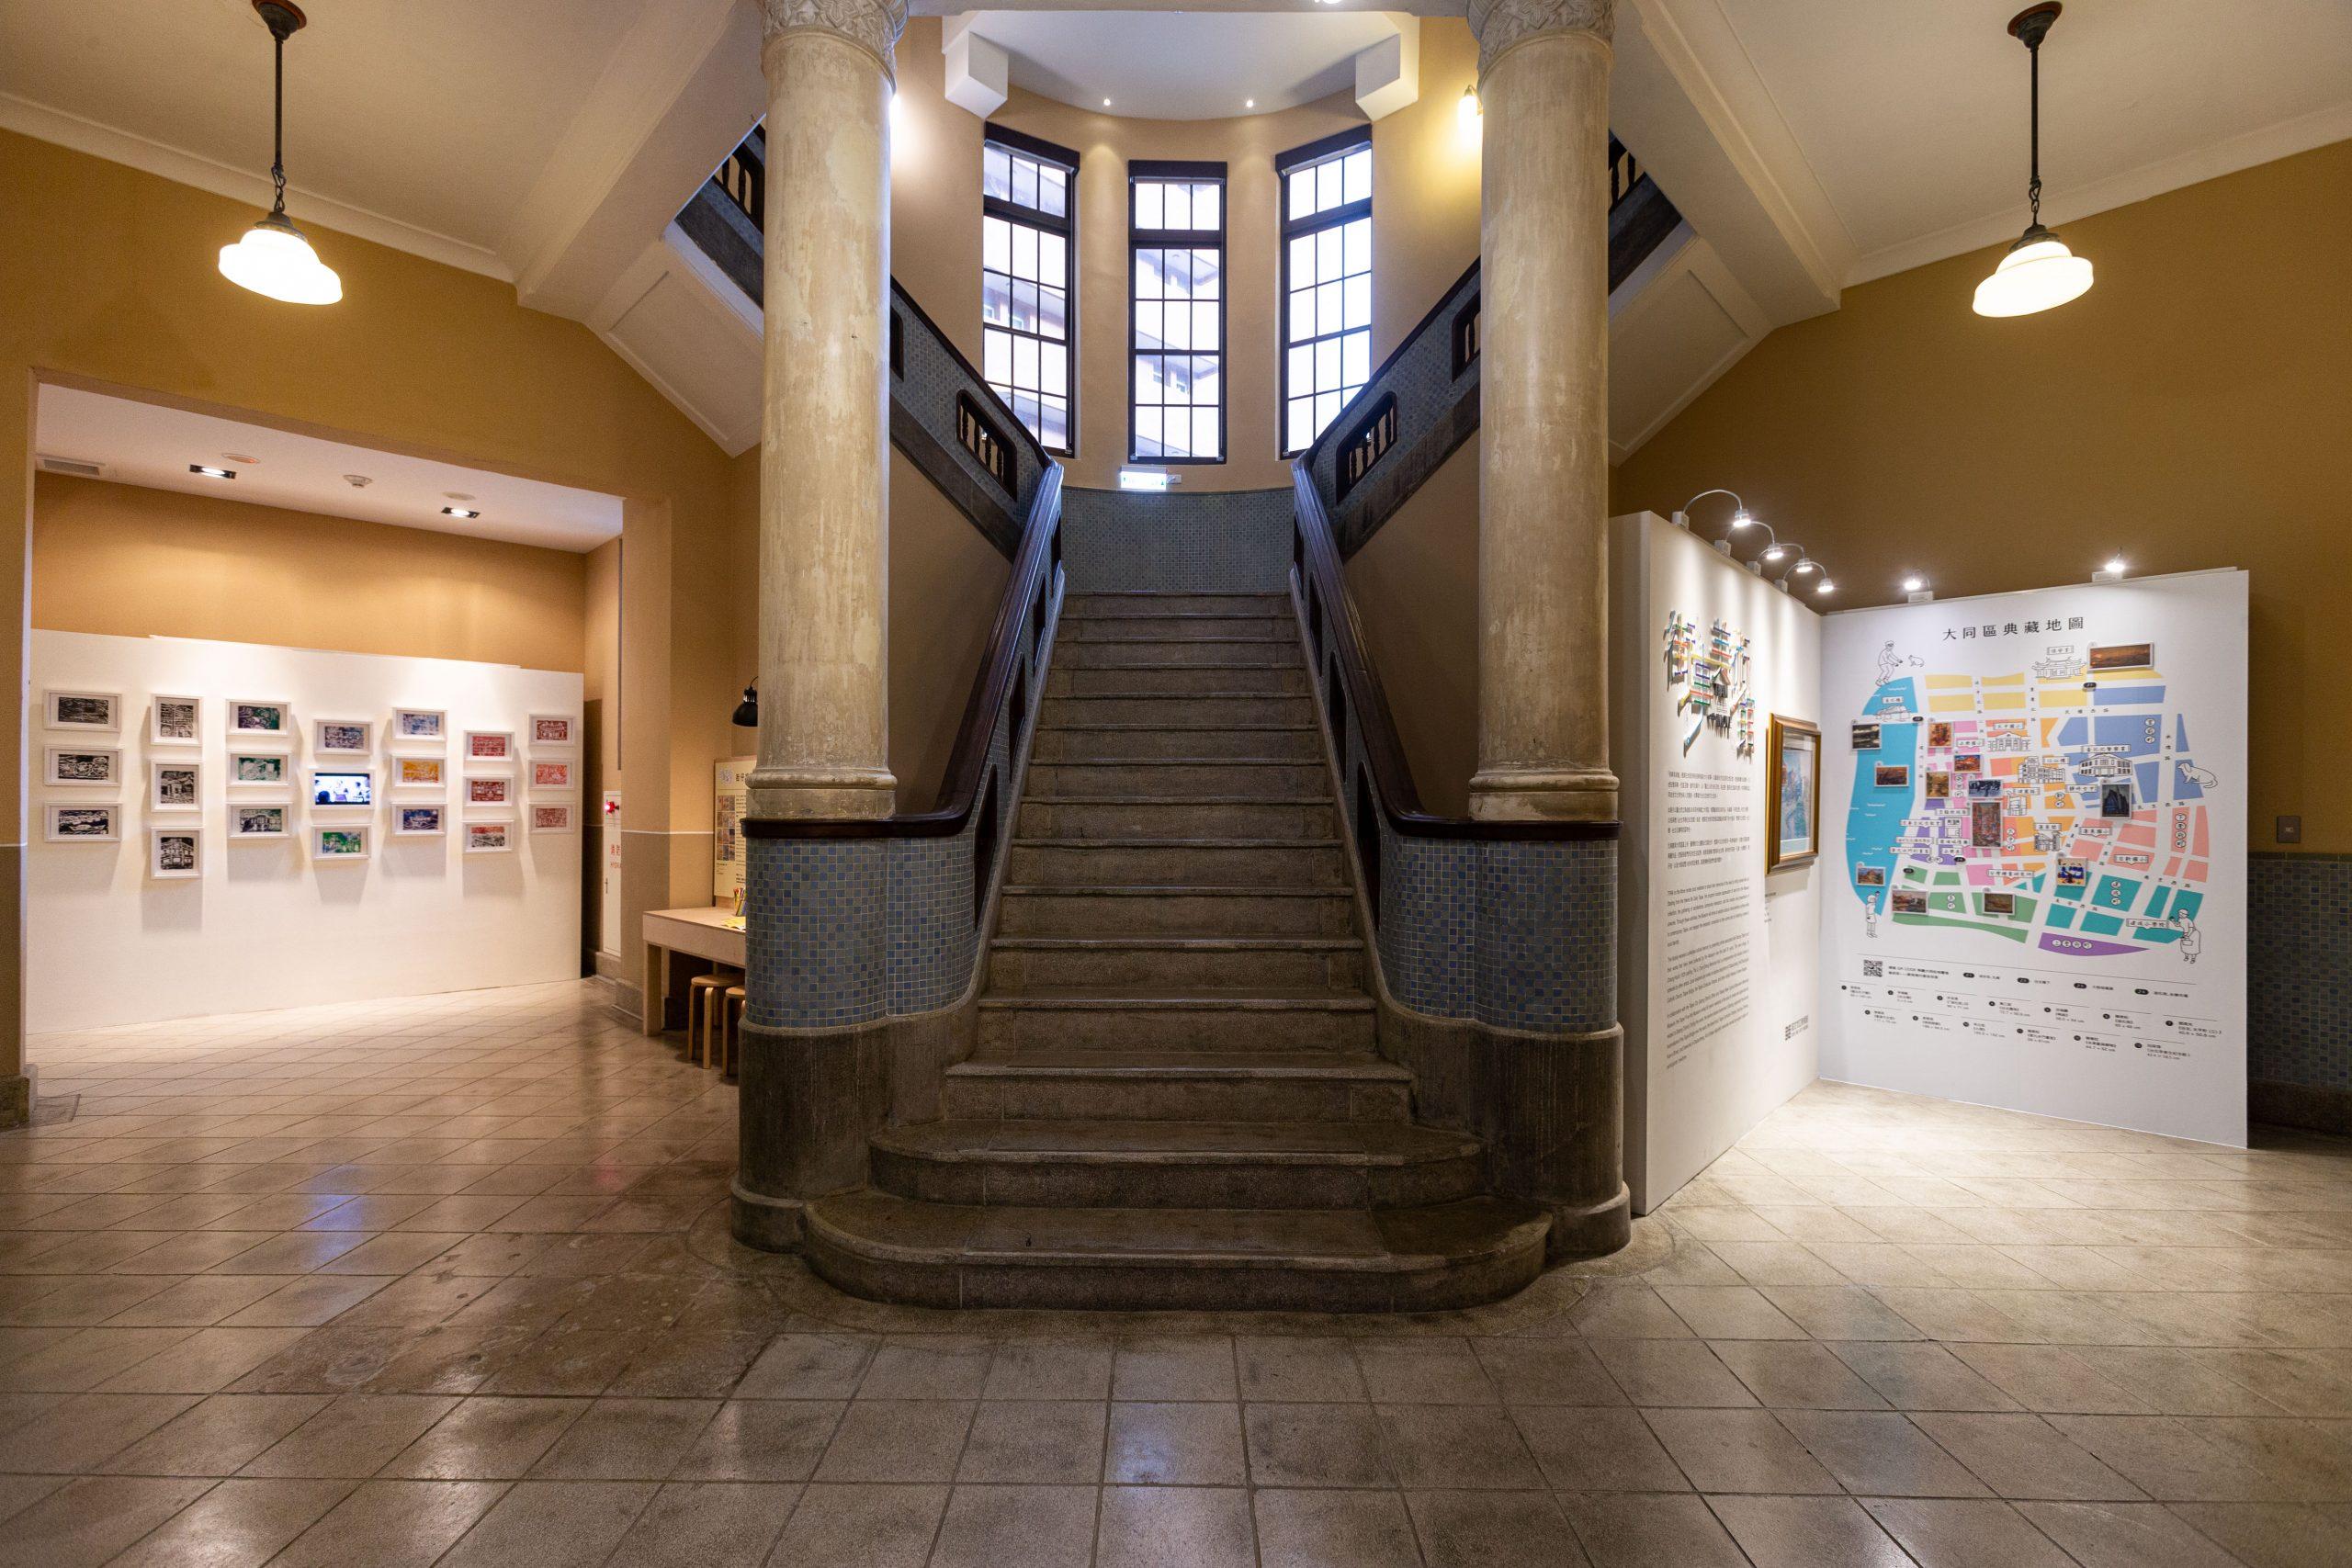 活動報導 | 北美館「街事美術館」 為樂齡創作提供展演舞台